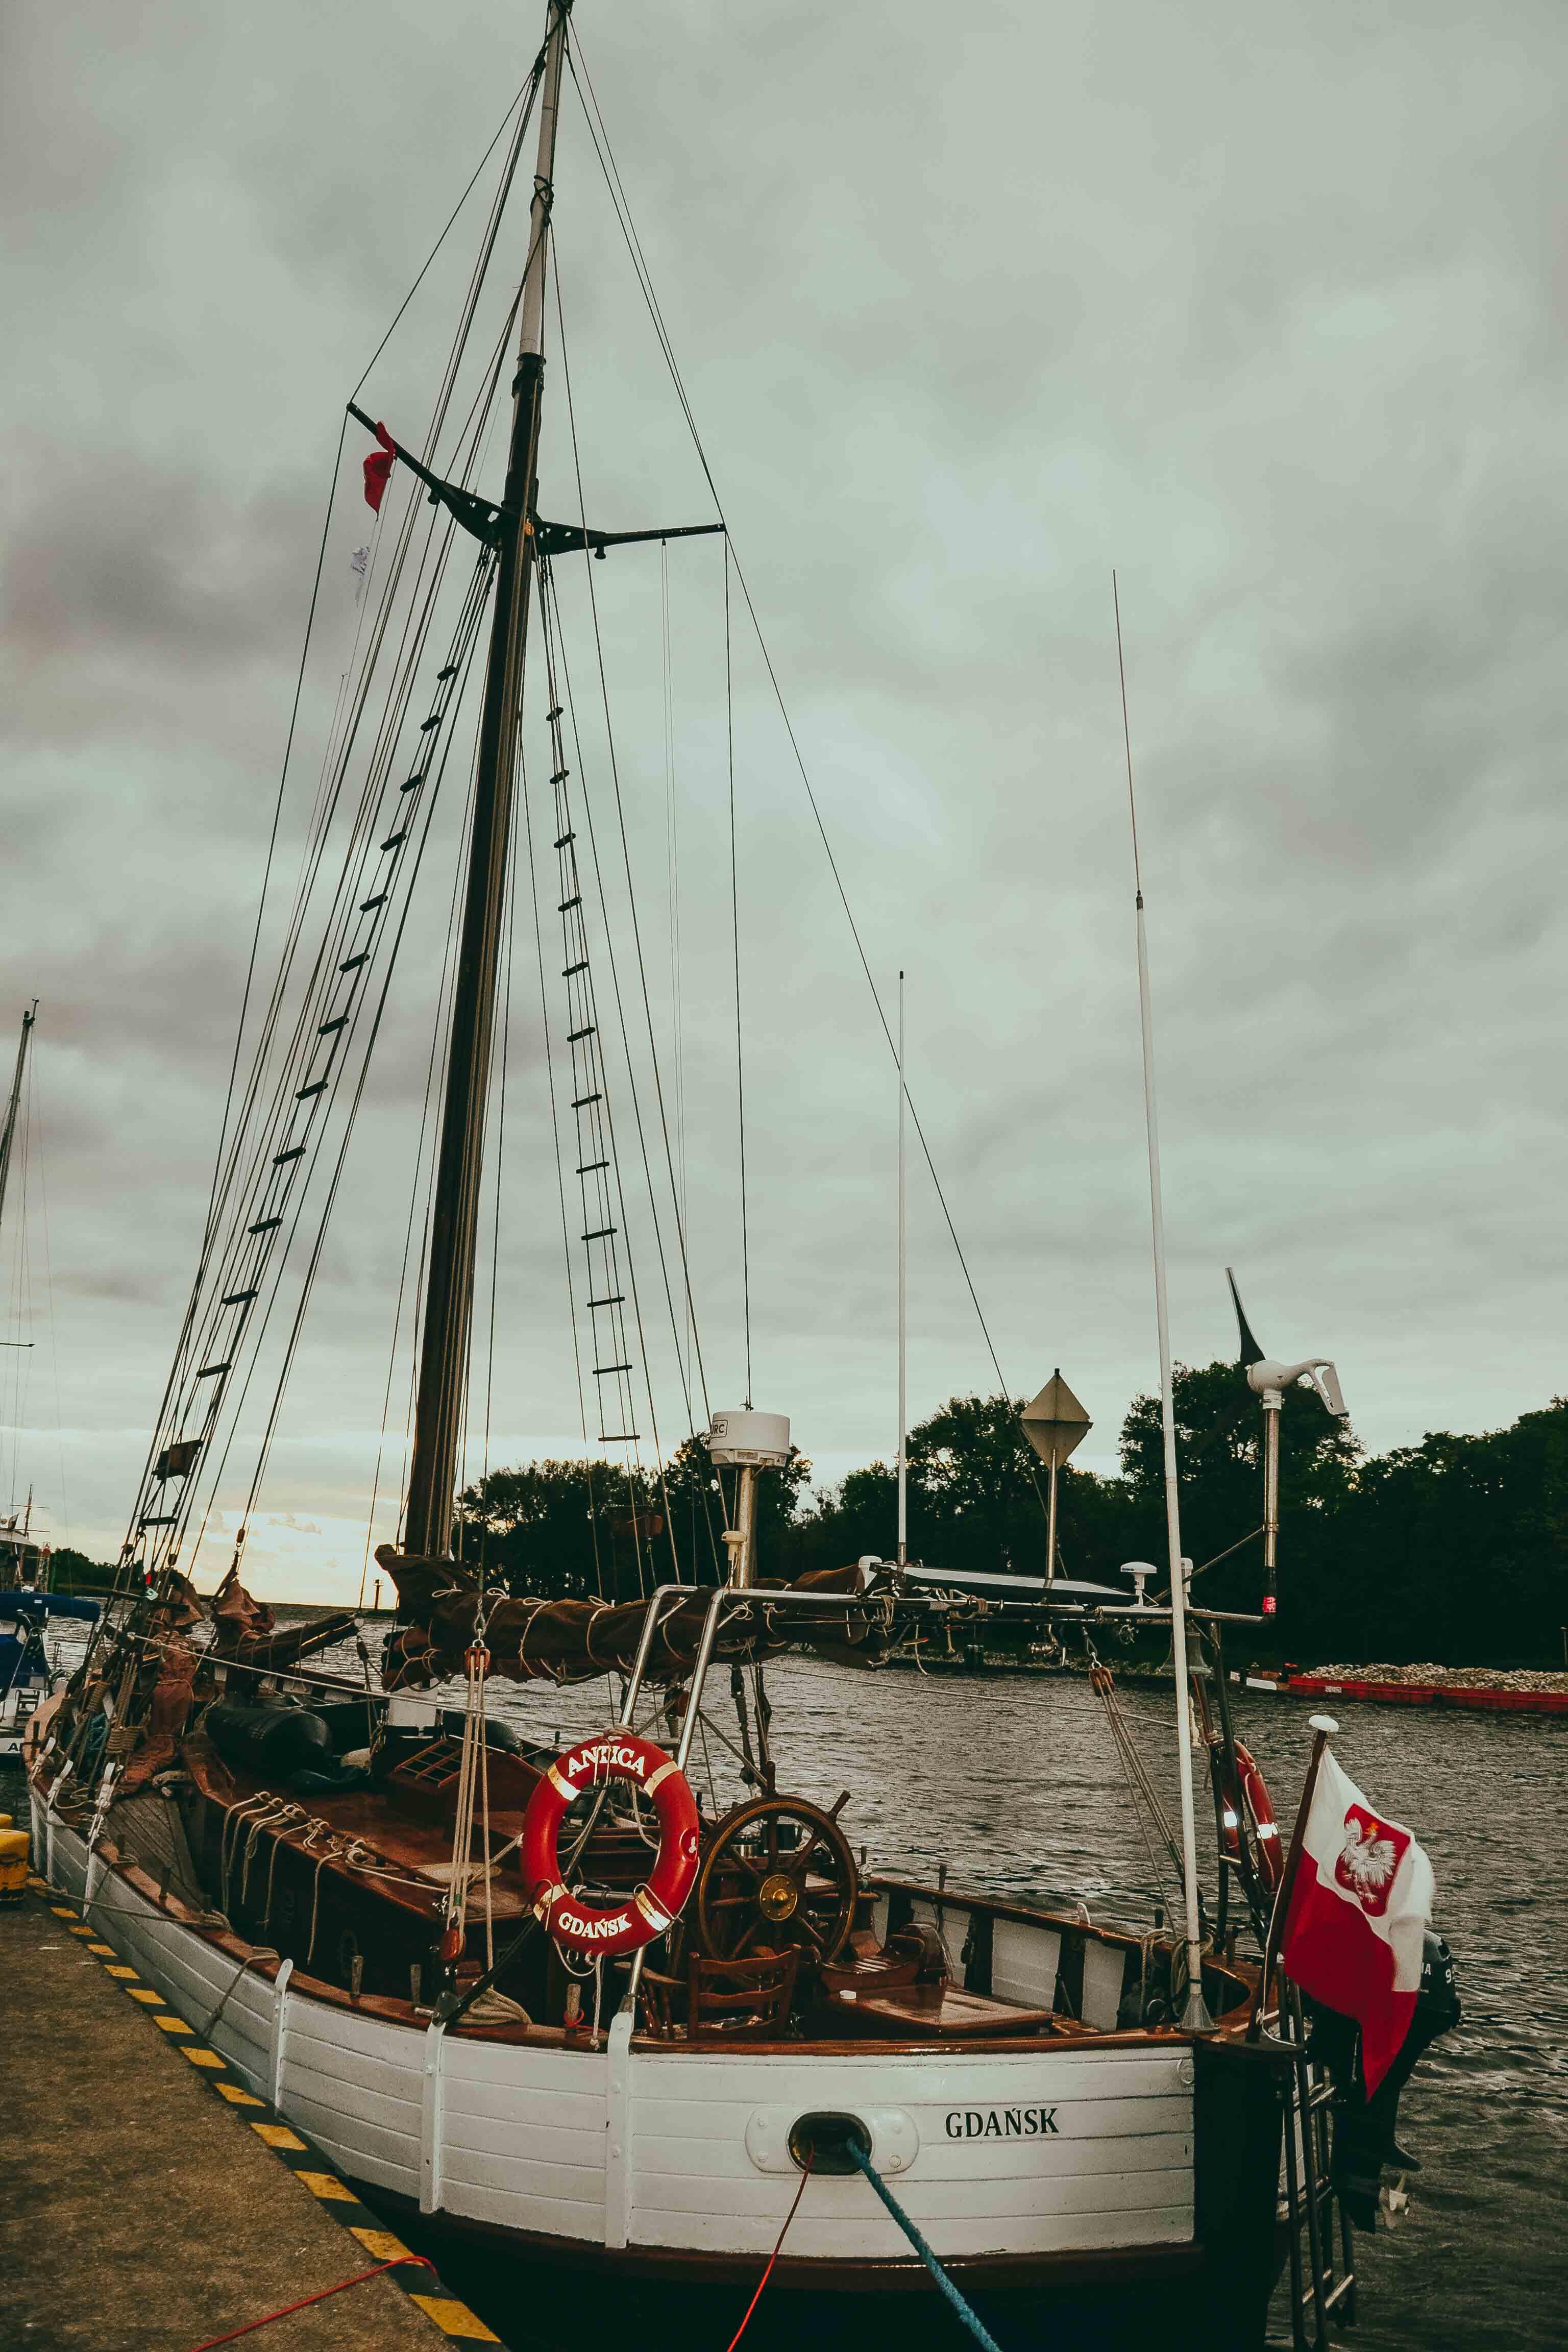 trzebież-port-marina-okonasznurku-fotografia (53)